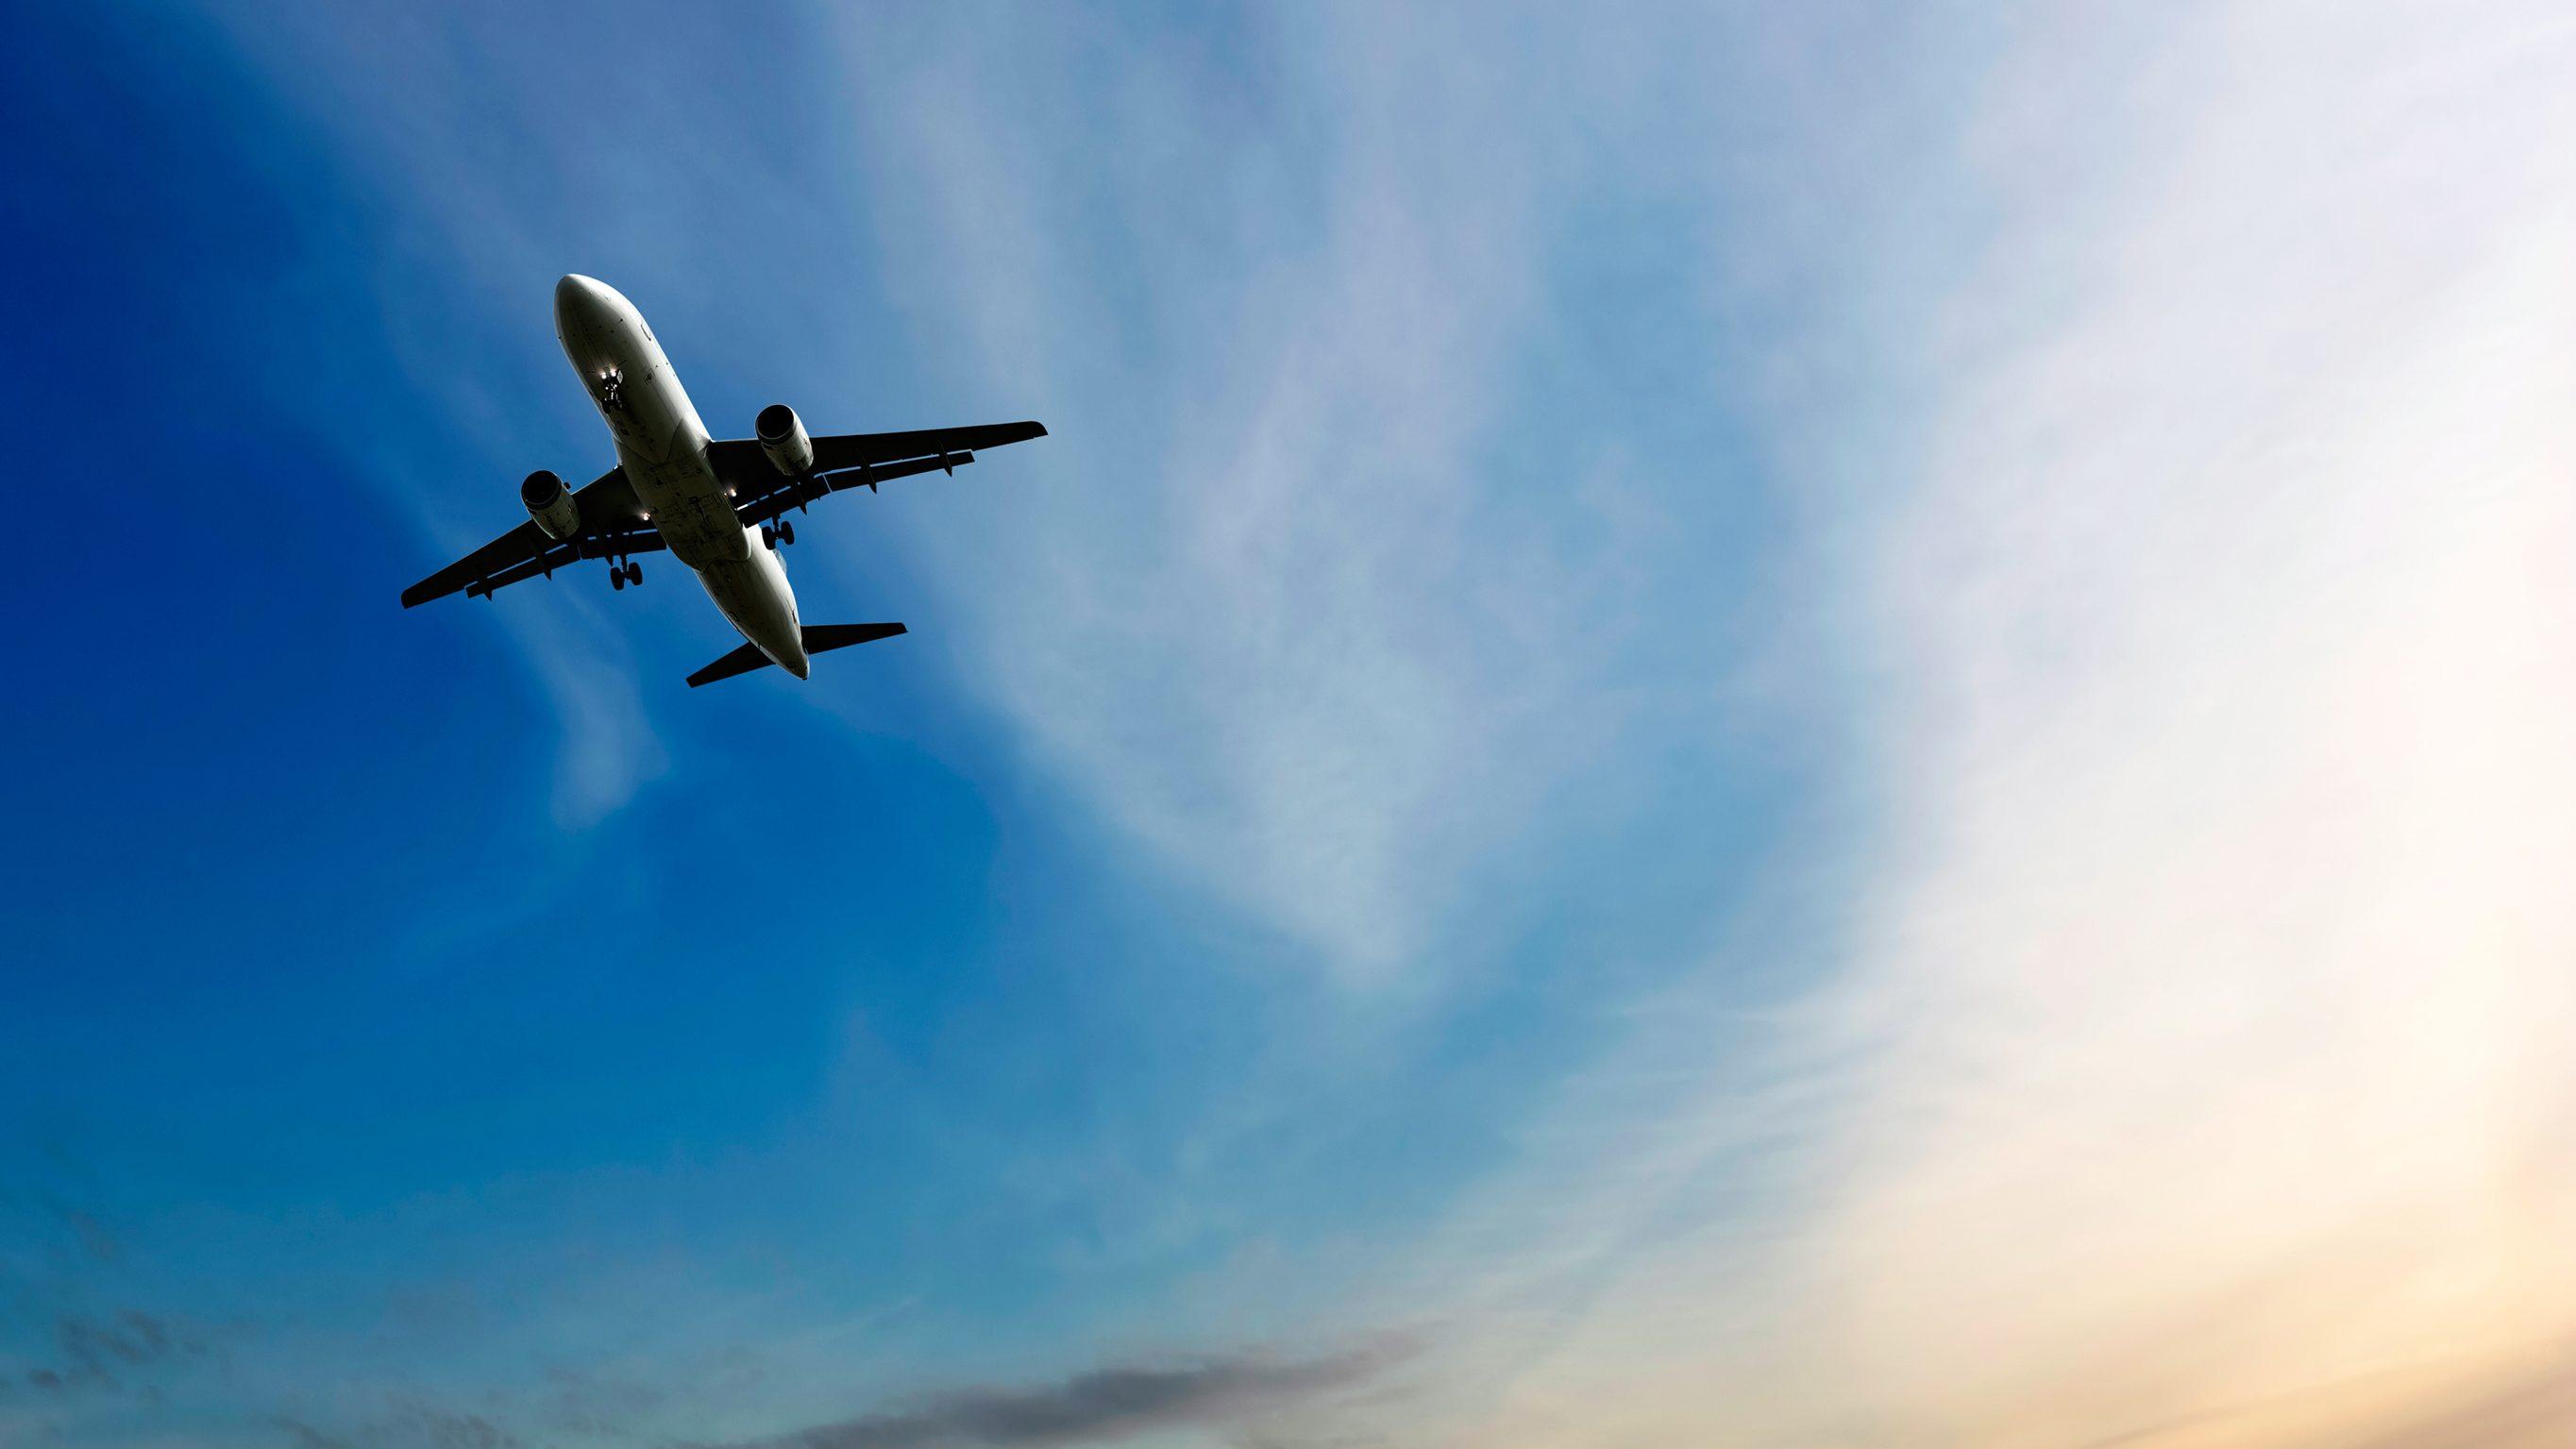 Jet airplane landing at dusk